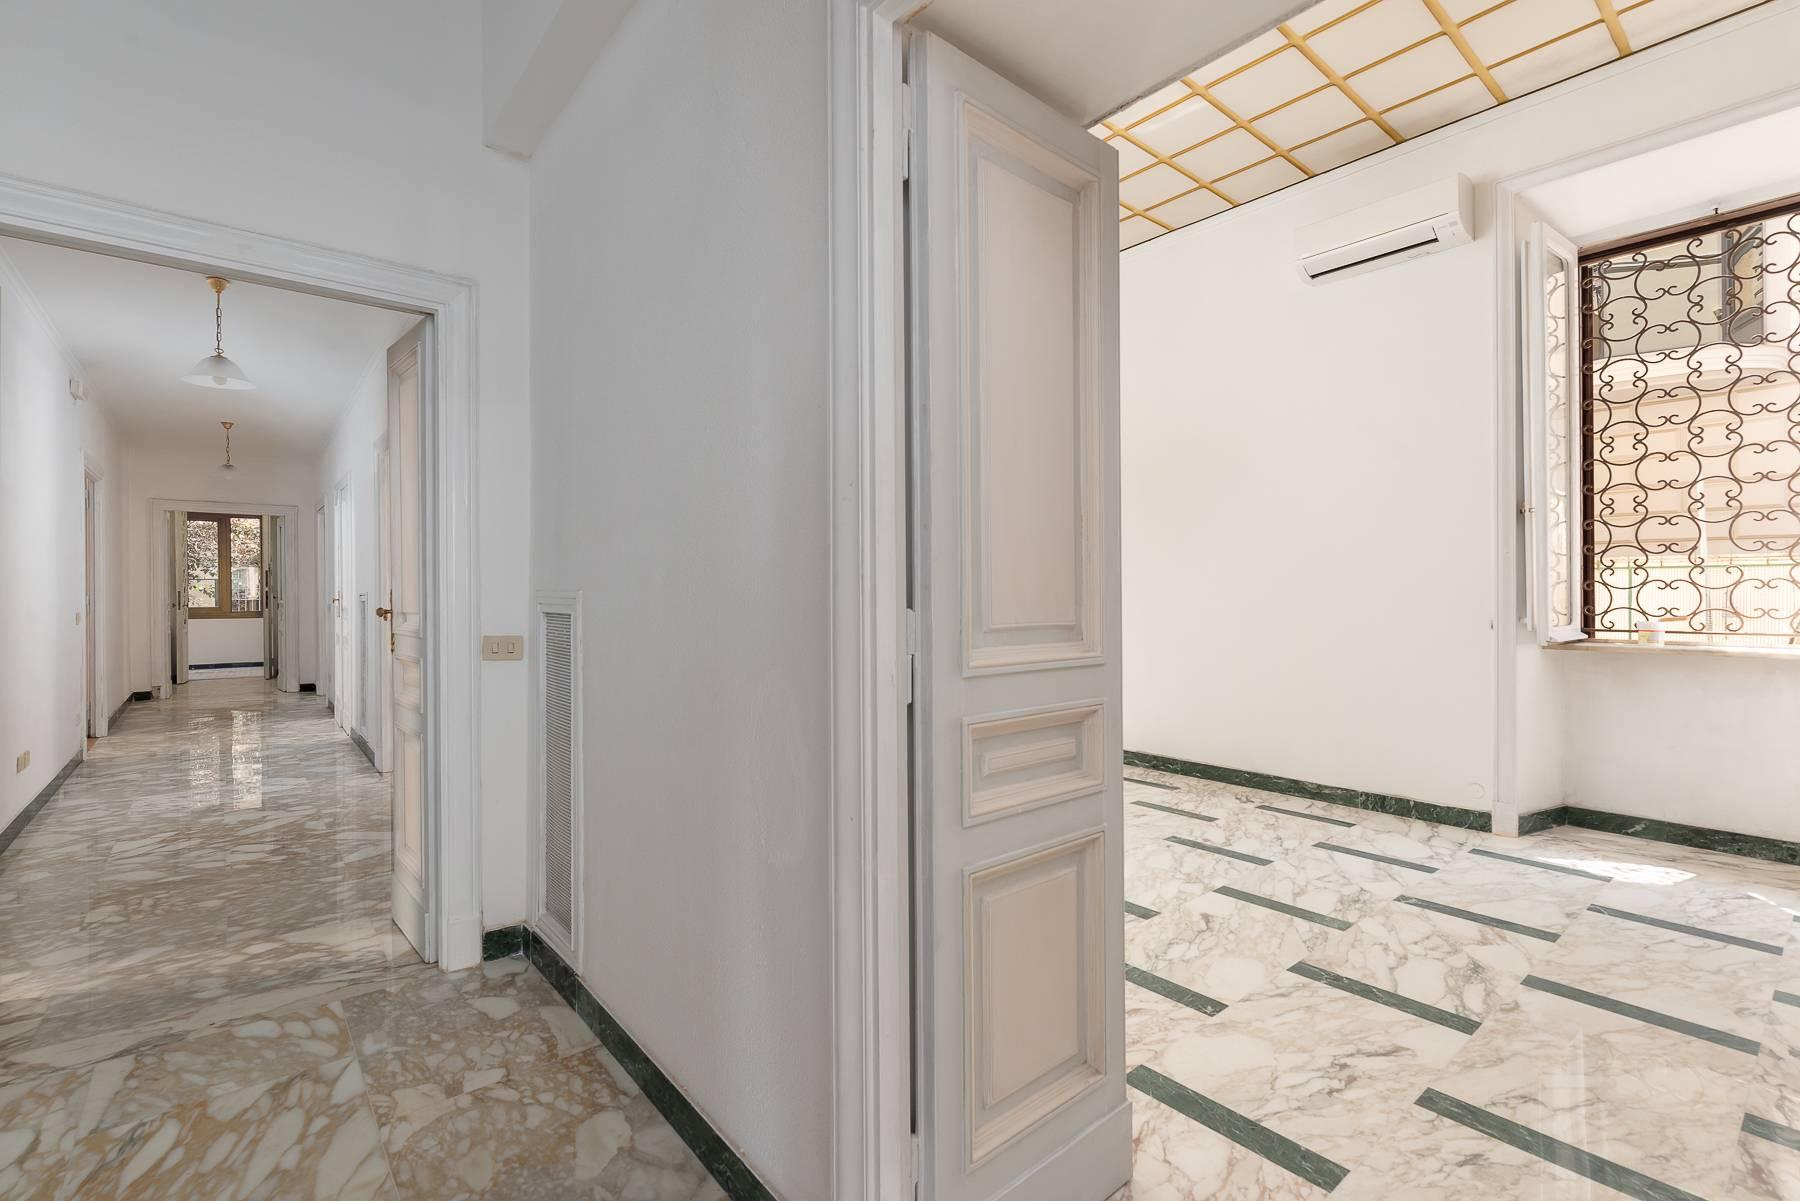 Ufficio-studio in Vendita a Roma: 5 locali, 322 mq - Foto 6